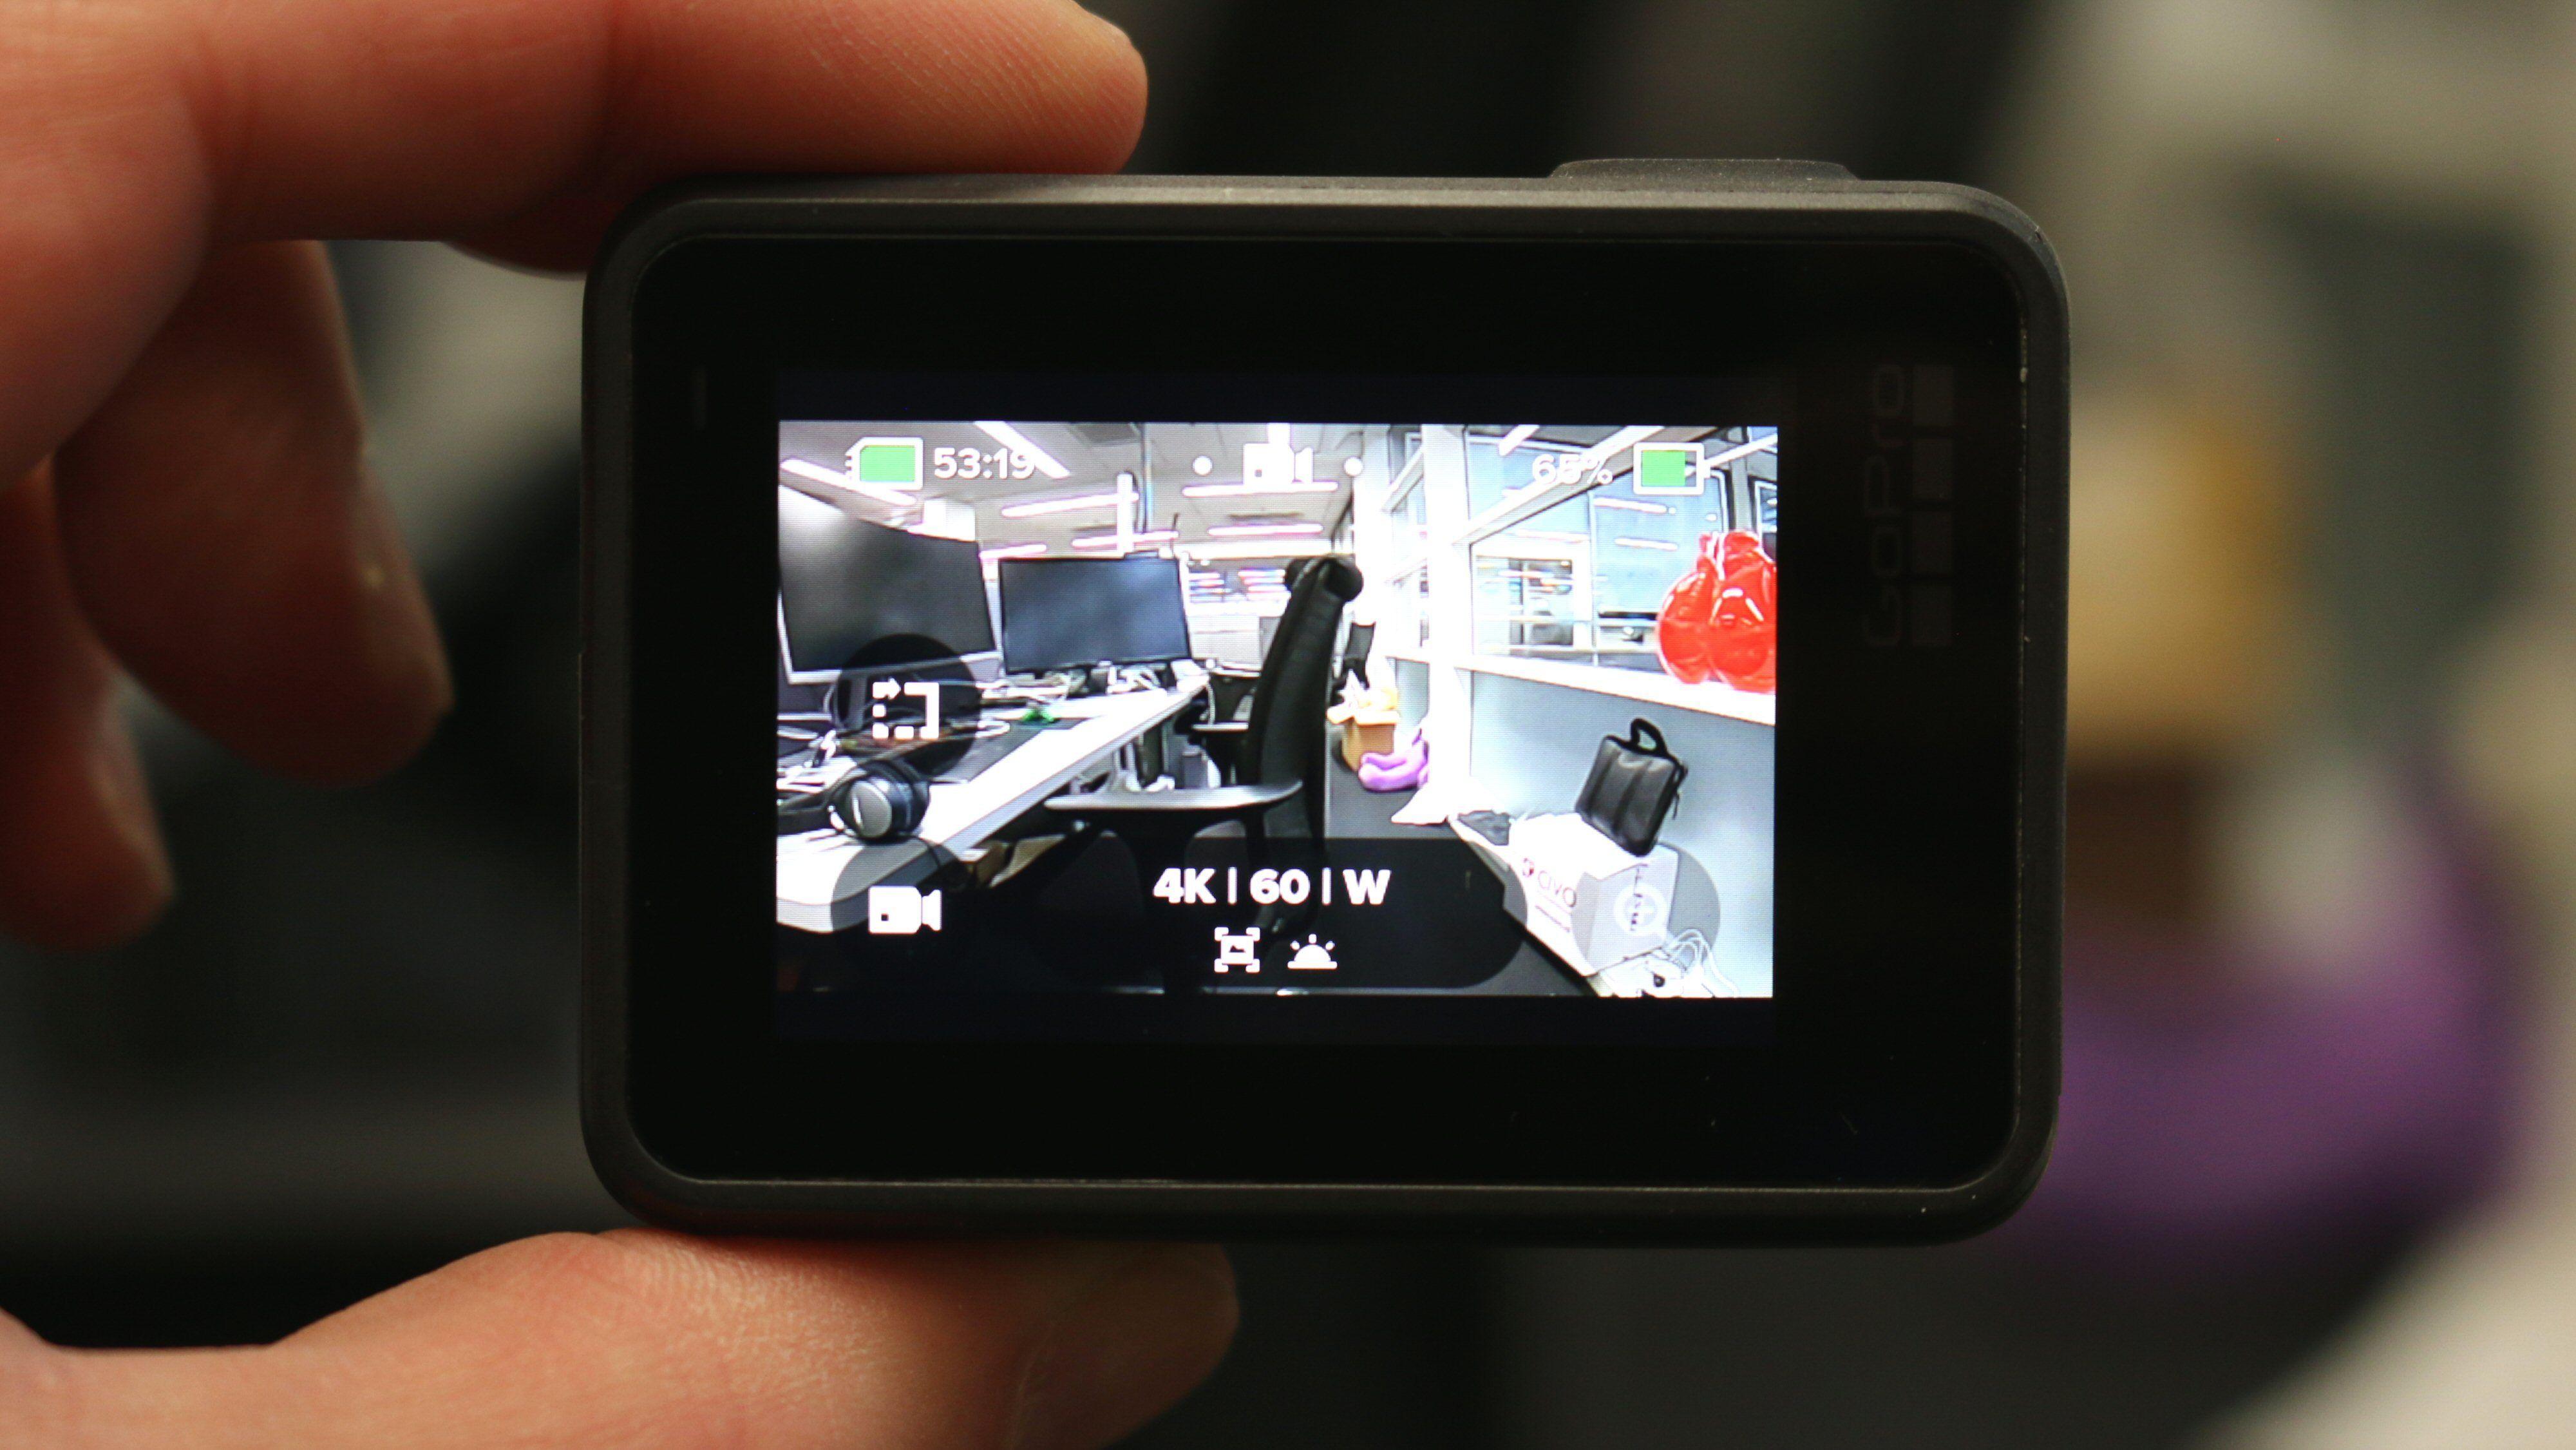 GoPro har ikke tro på at noen faktisk leser bruksanvisninger, så kameraet kommer heller ikke med noen. Heldigvis er berøringsskjermen ganske intuitiv å bruke.